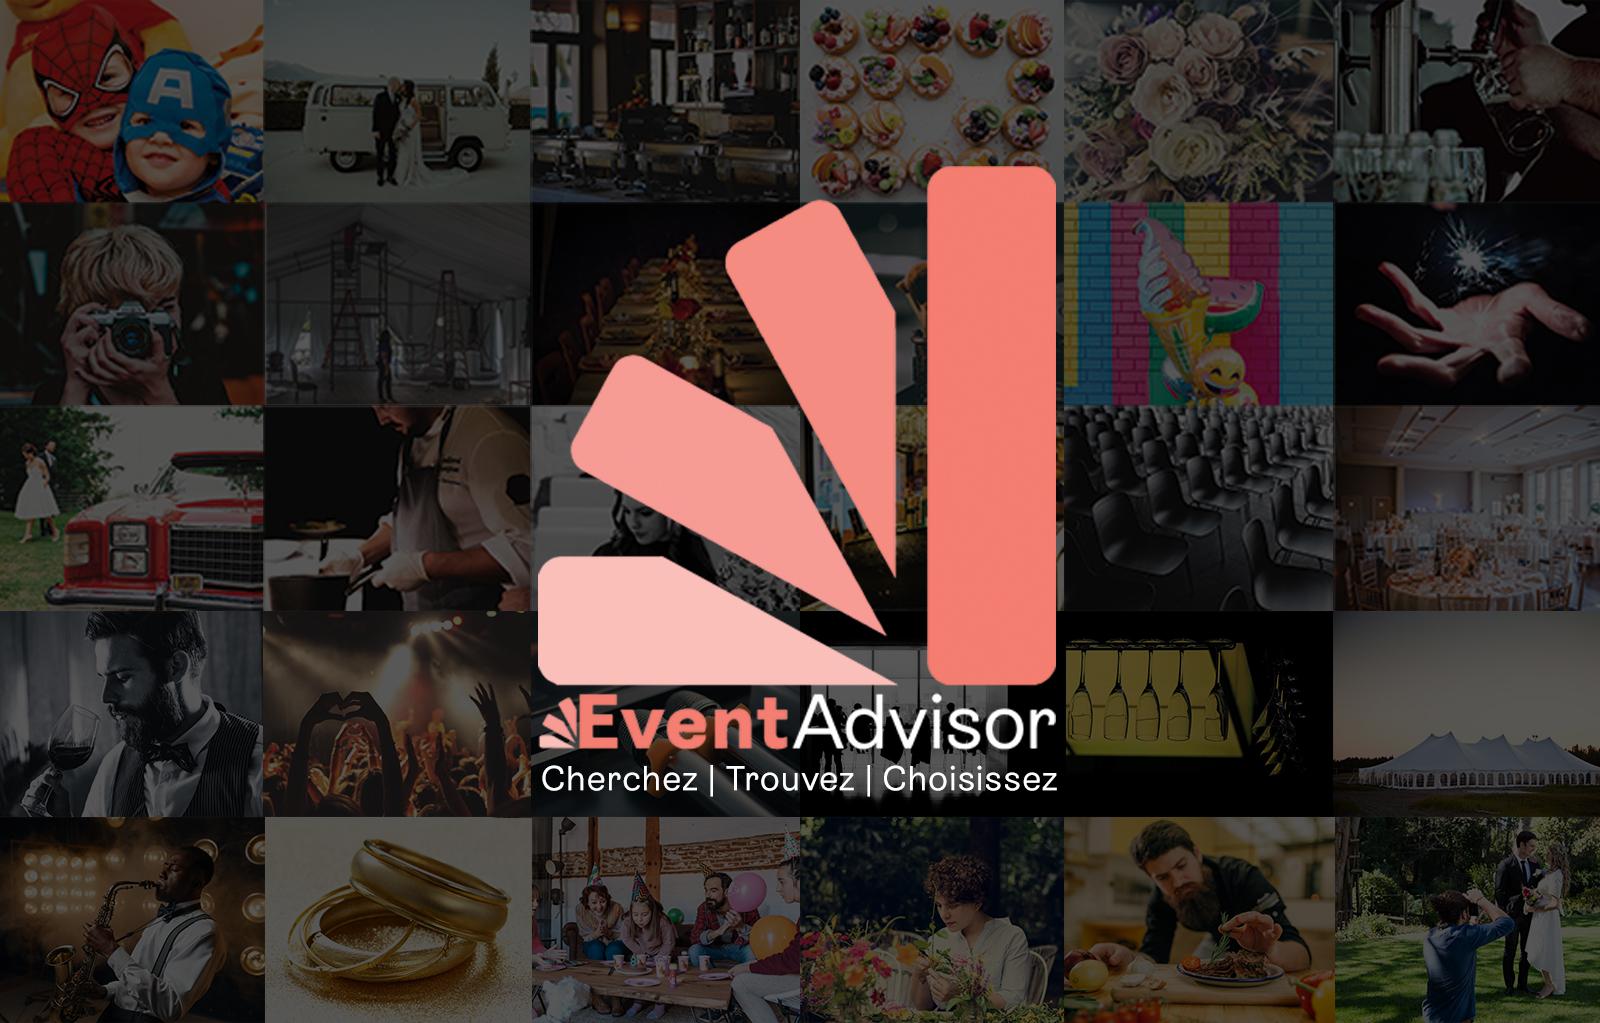 EventAdvisor vous aide à trouver des prestataires pour vos événements